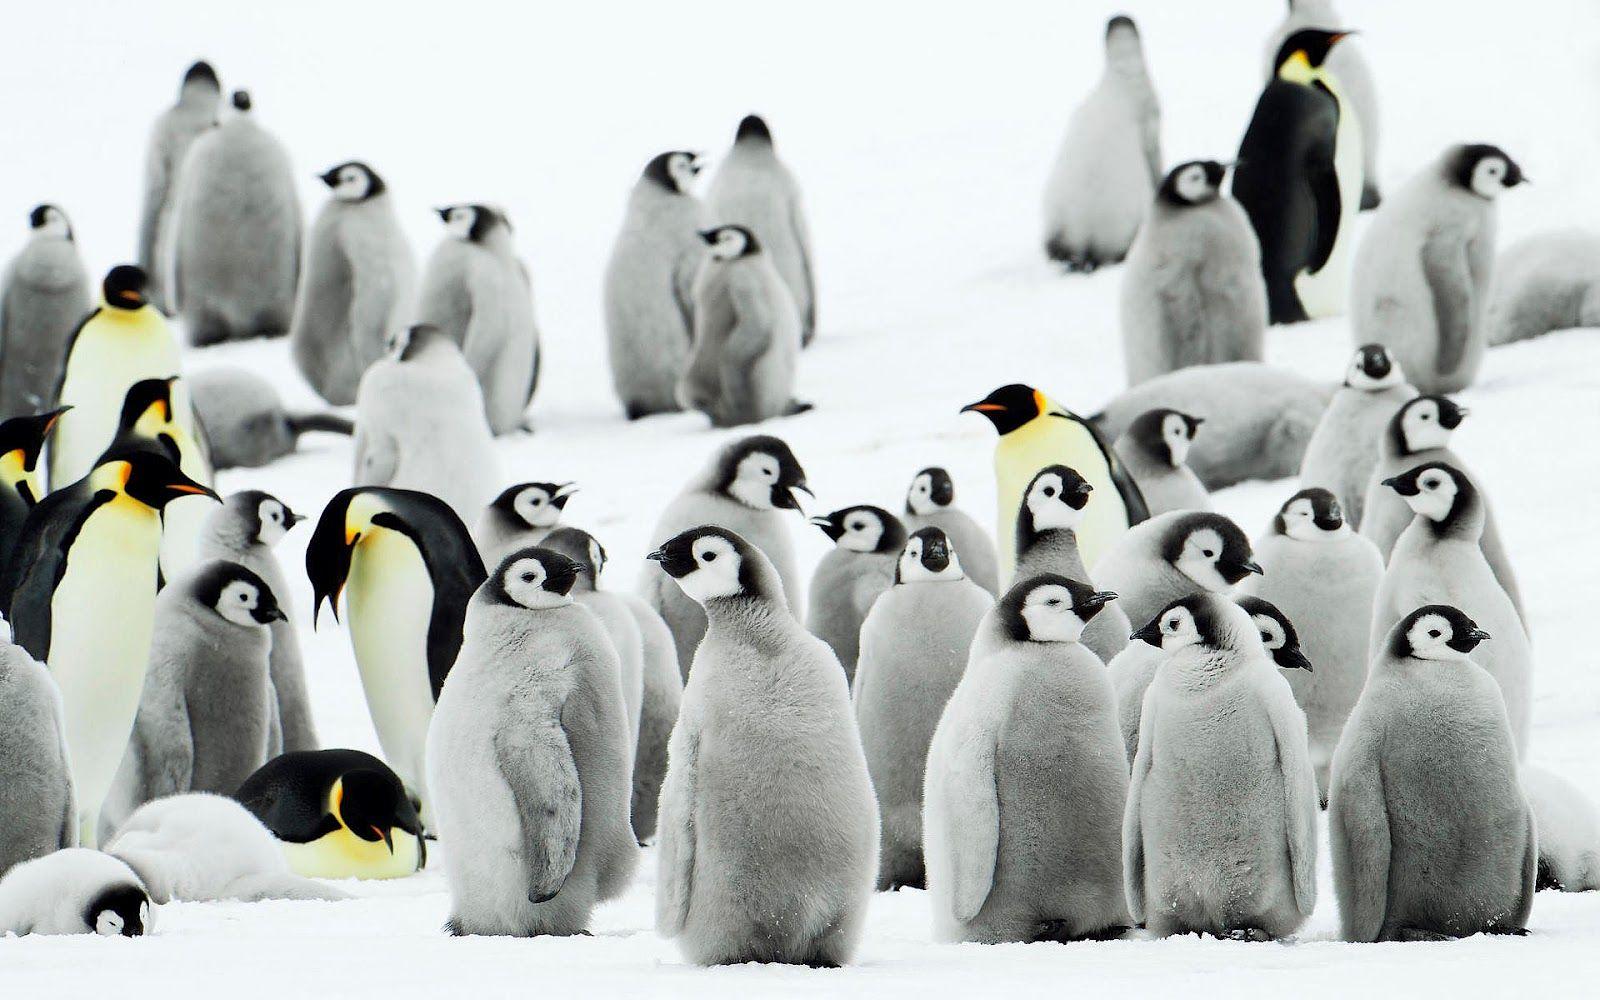 Penguin Wallpaper Beautiful Penguins Wallpaper Gallery 1600 1000 Images Of Penguins Wallpapers 55 Wallpapers Adorable Penguin Wallpaper Penguins Pet Birds